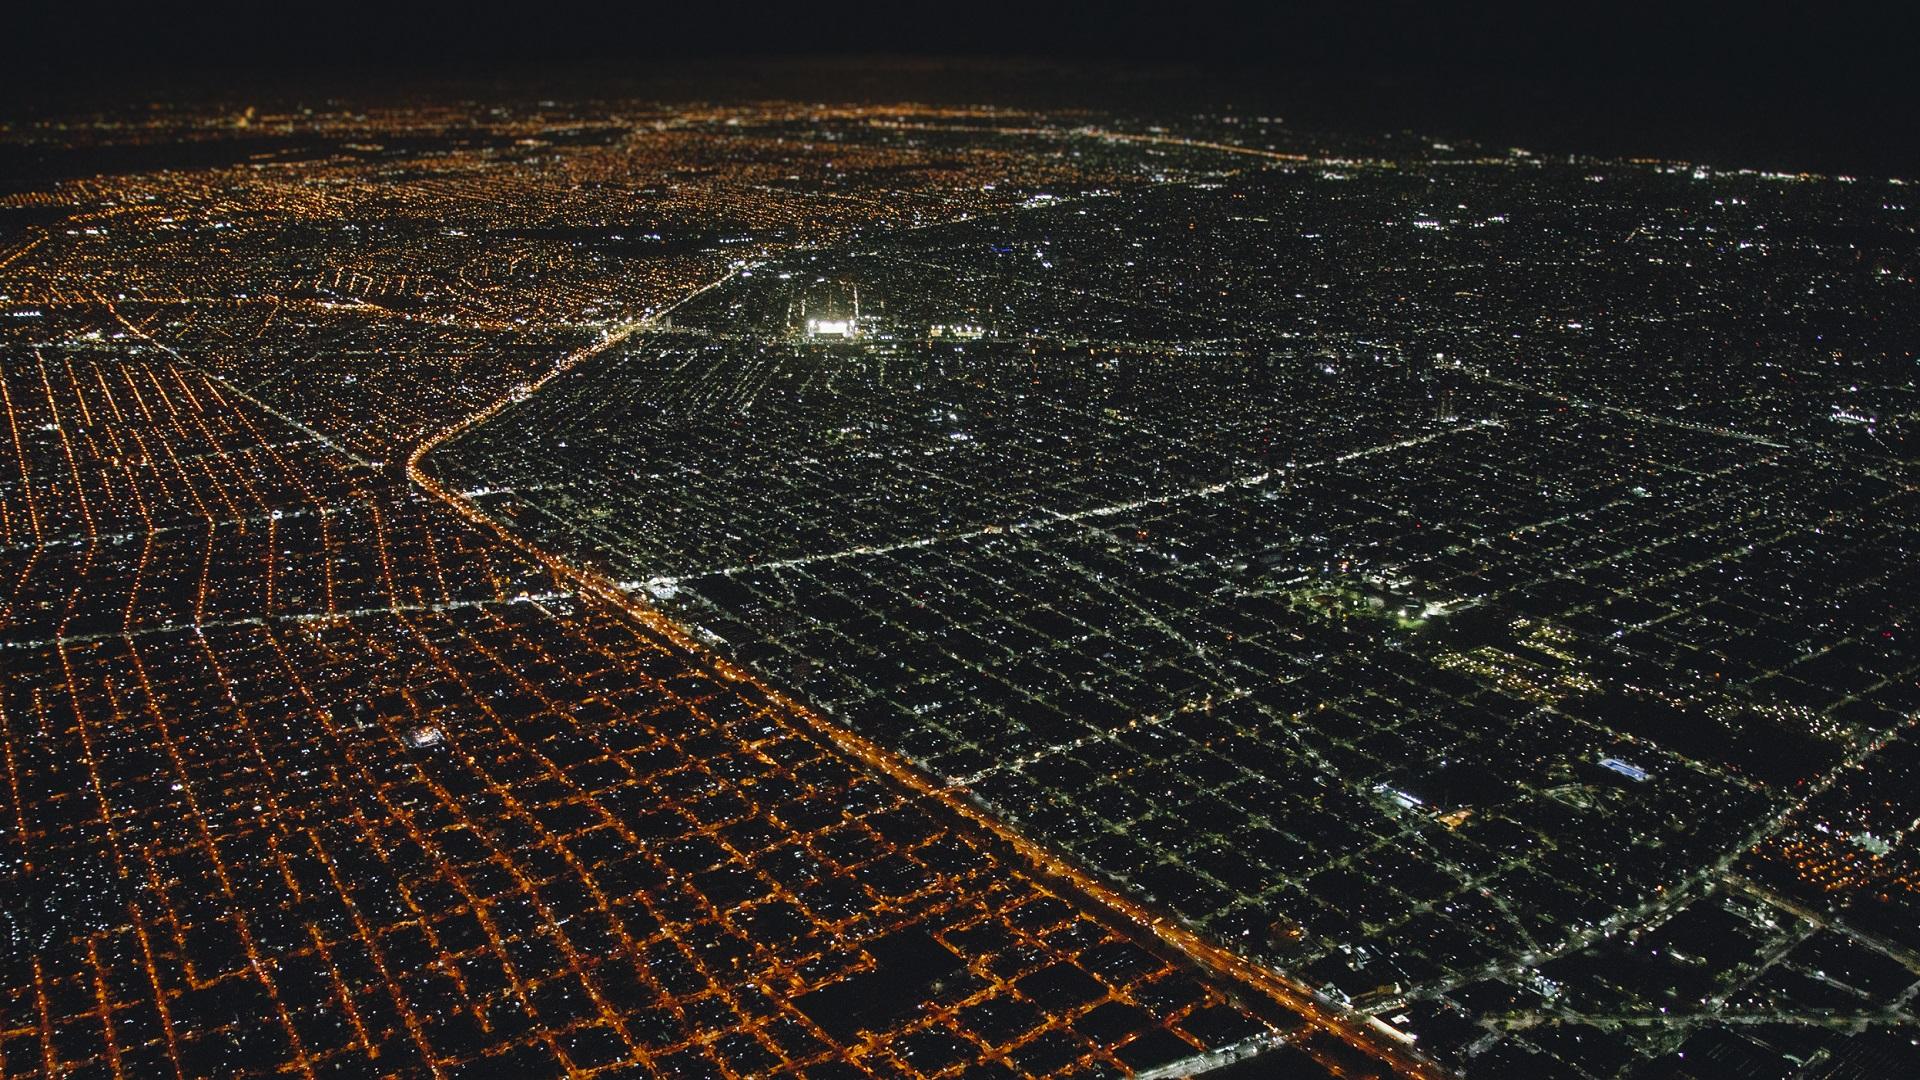 A fines de este año habrá 165 mil luces LED en la Ciudad (Crédito GCBA)